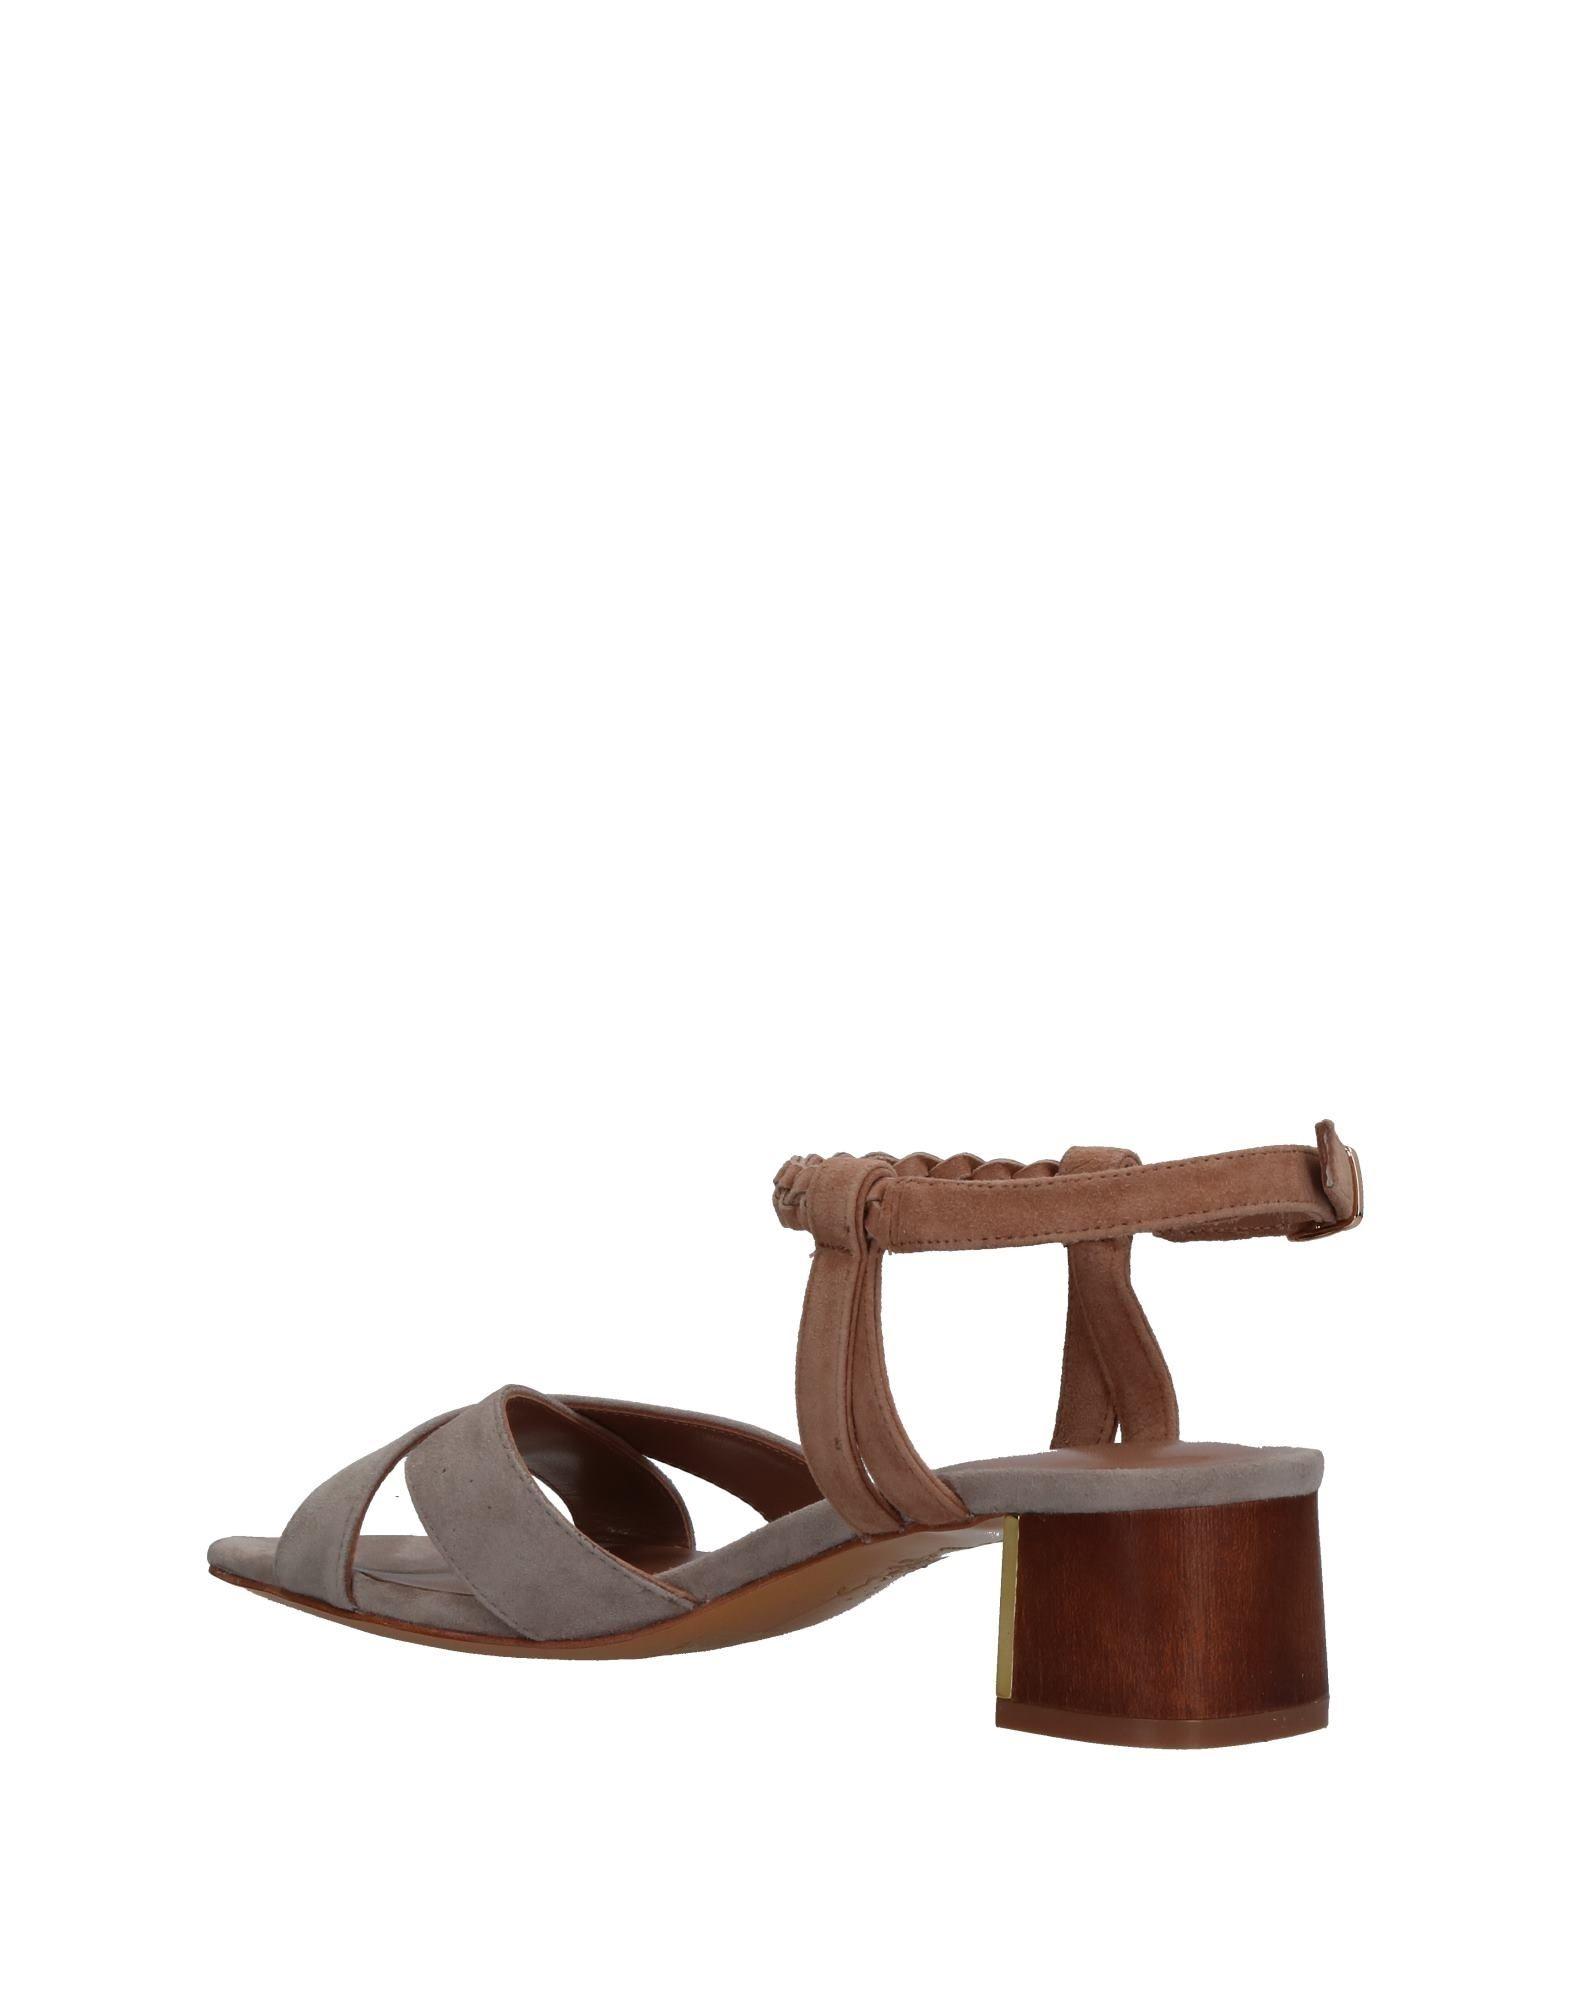 Lola Cruz Sandalen Damen  11346406WK Gute Qualität beliebte Schuhe